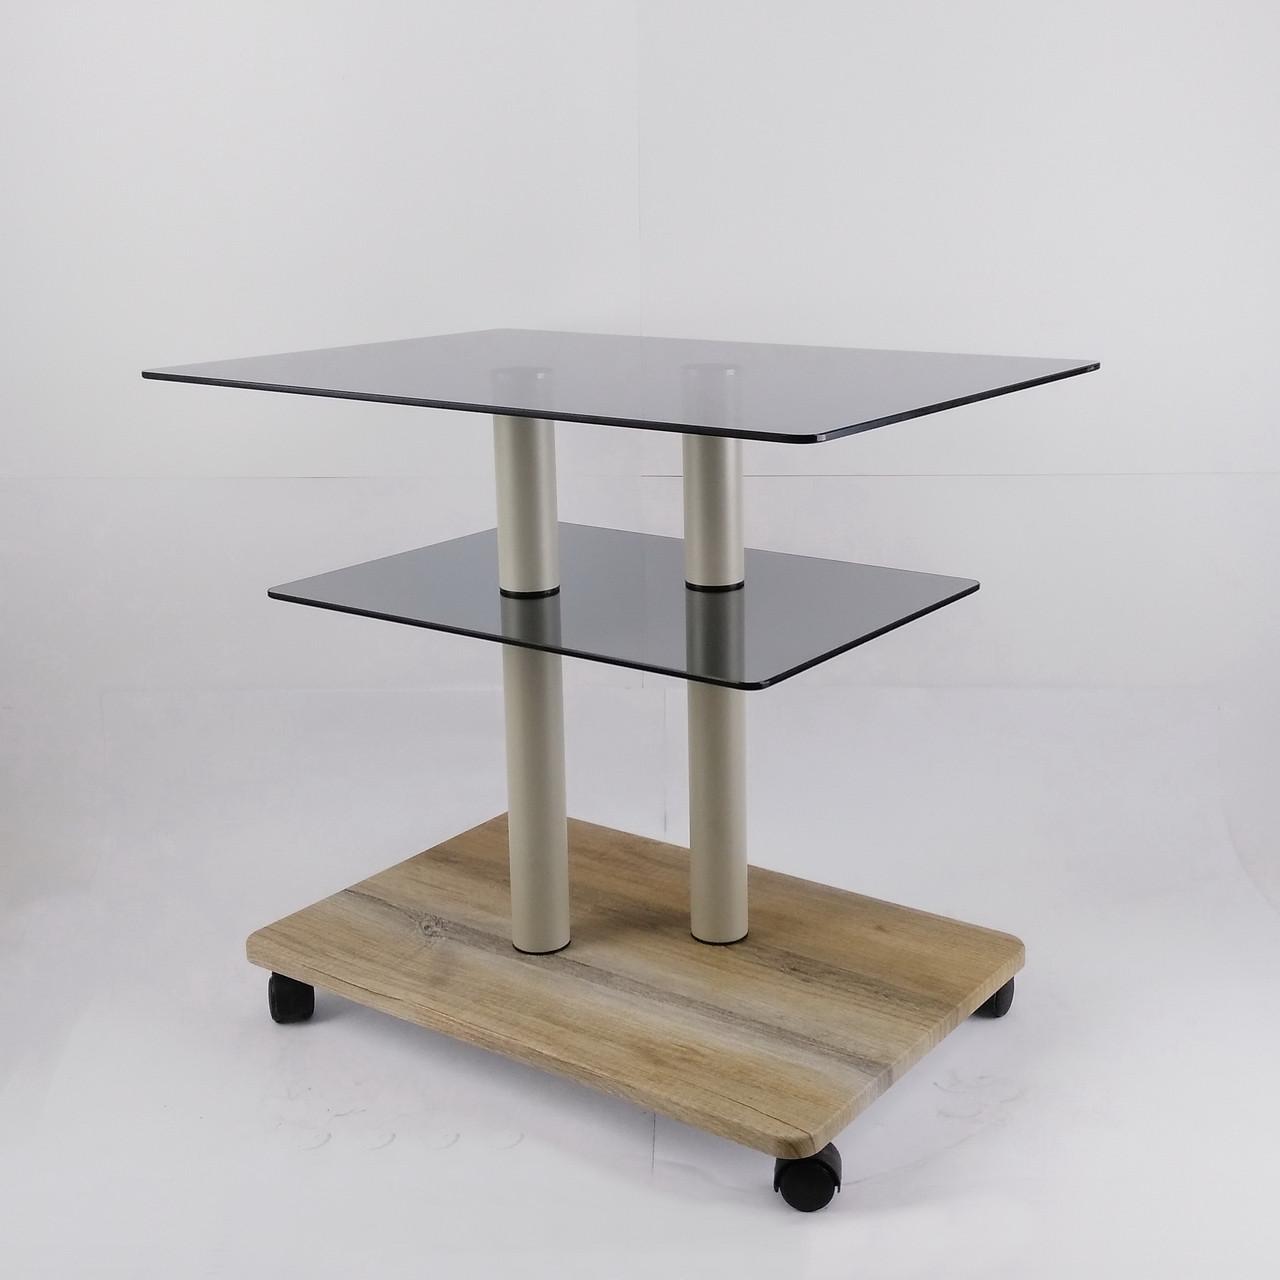 Стол журнальный стекло прямоугольный Commus Bravo Light P6 gray-sequoia-2bgs50